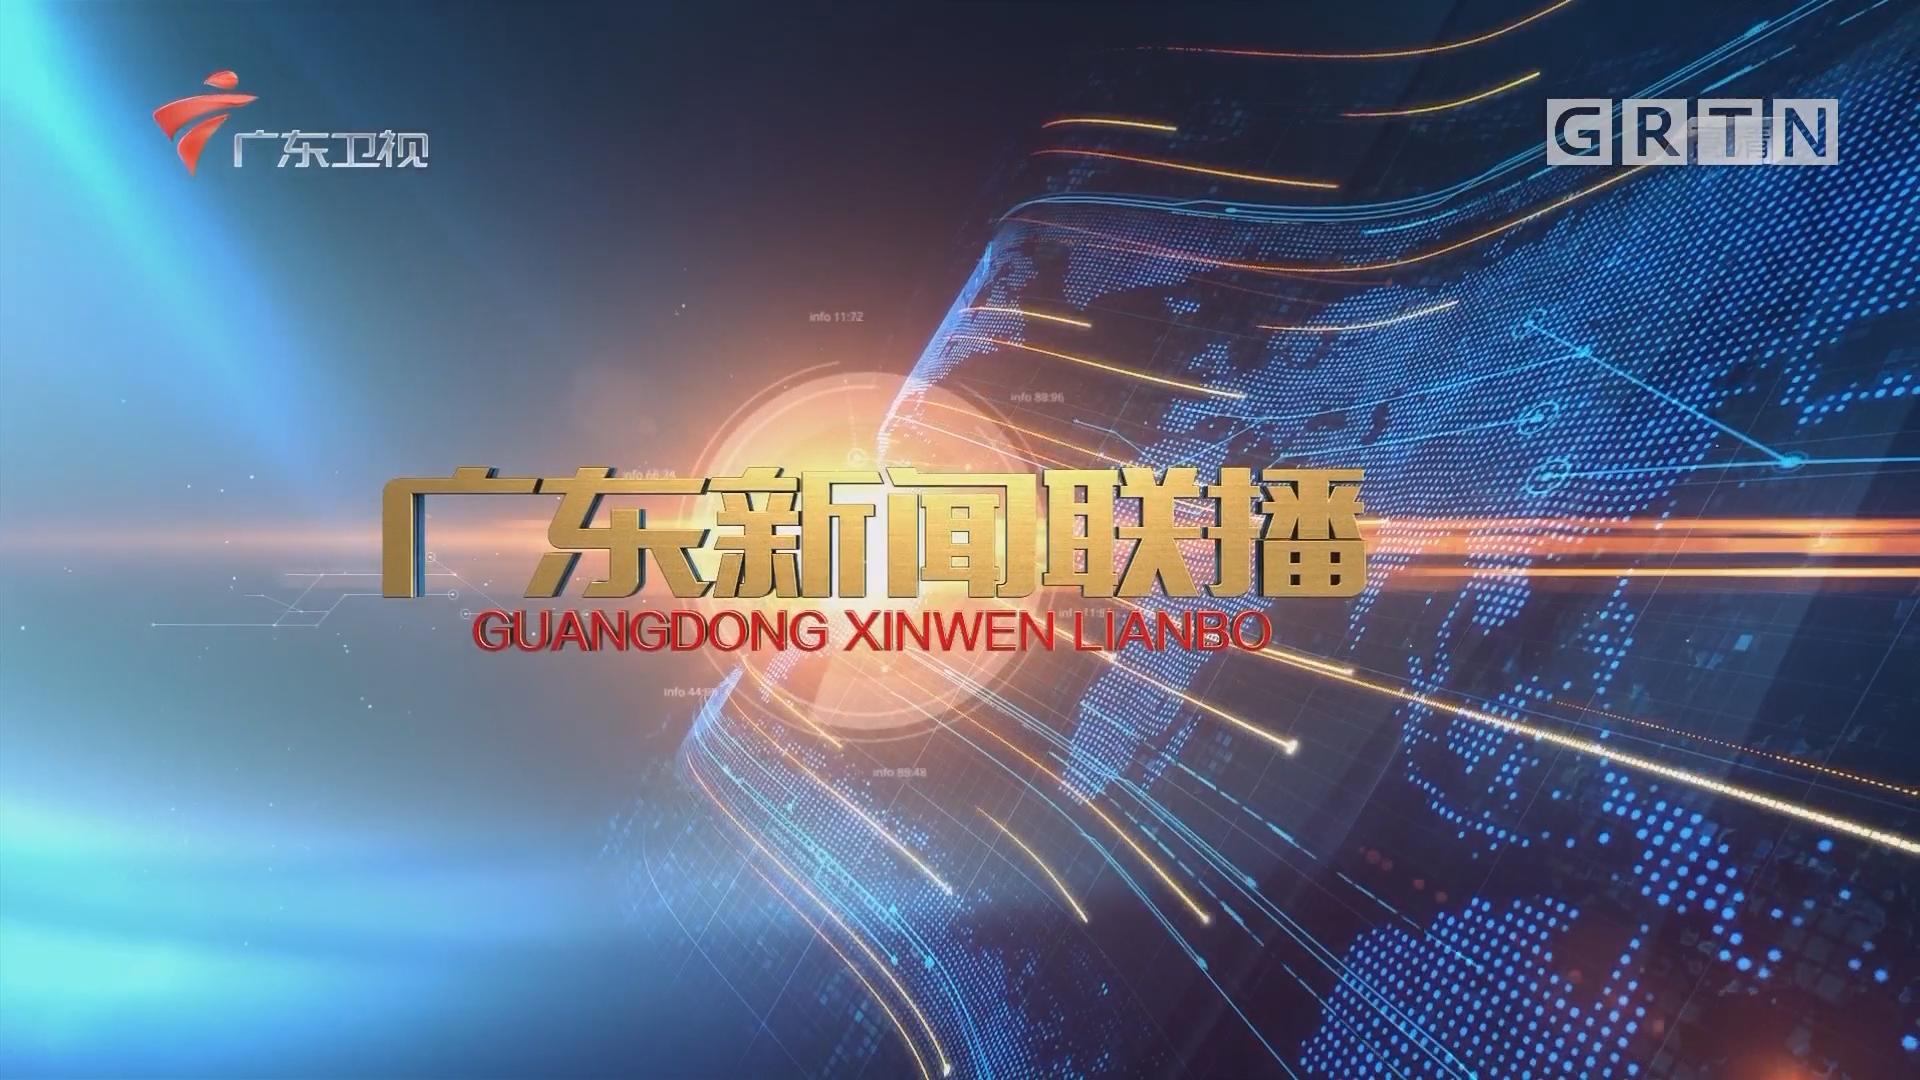 """[HD][2018-06-23]广东新闻联播:珠海:生态立市 让""""绿色发展"""" 深入人心"""